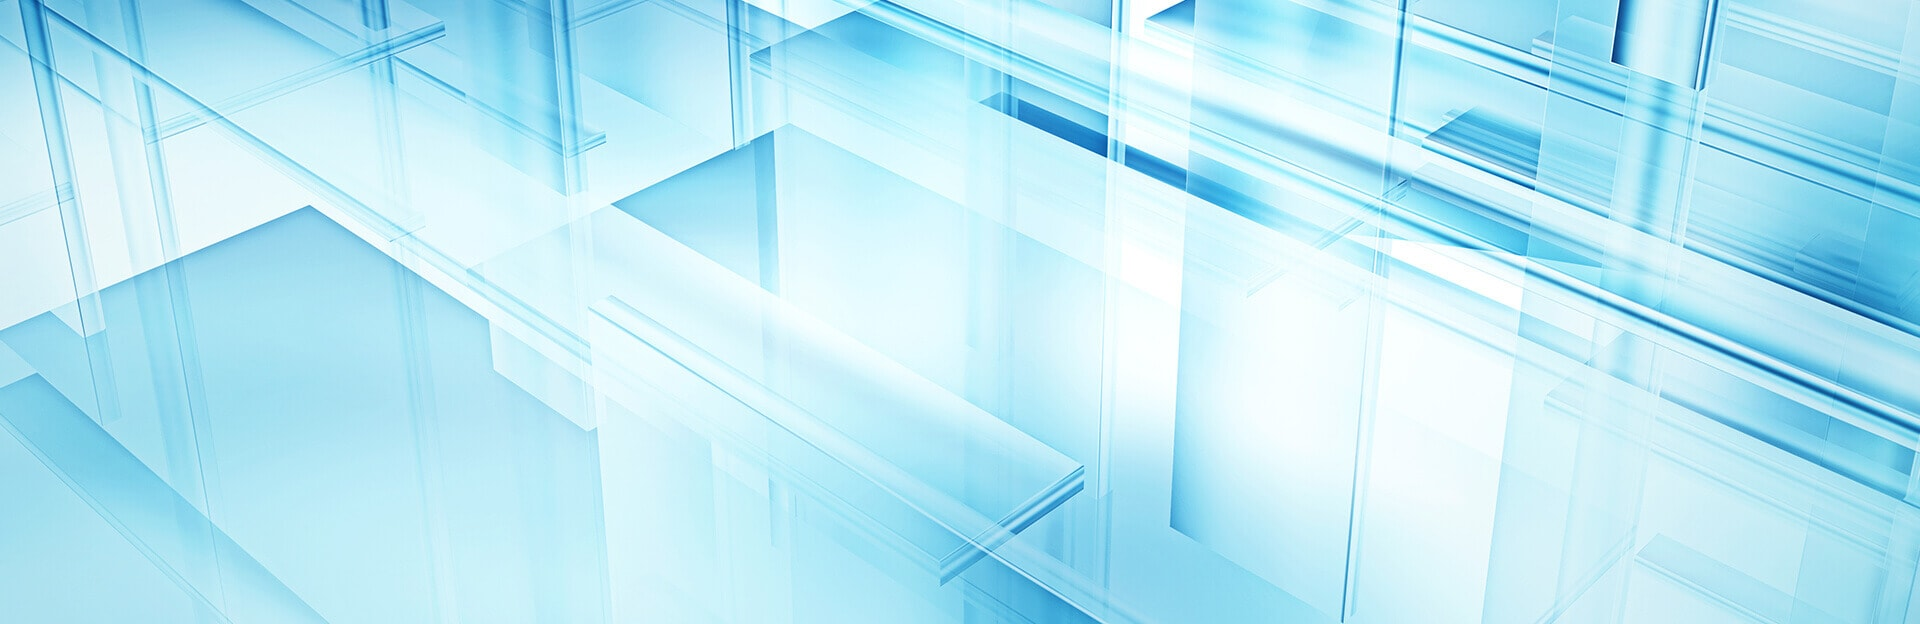 stiklo darbai